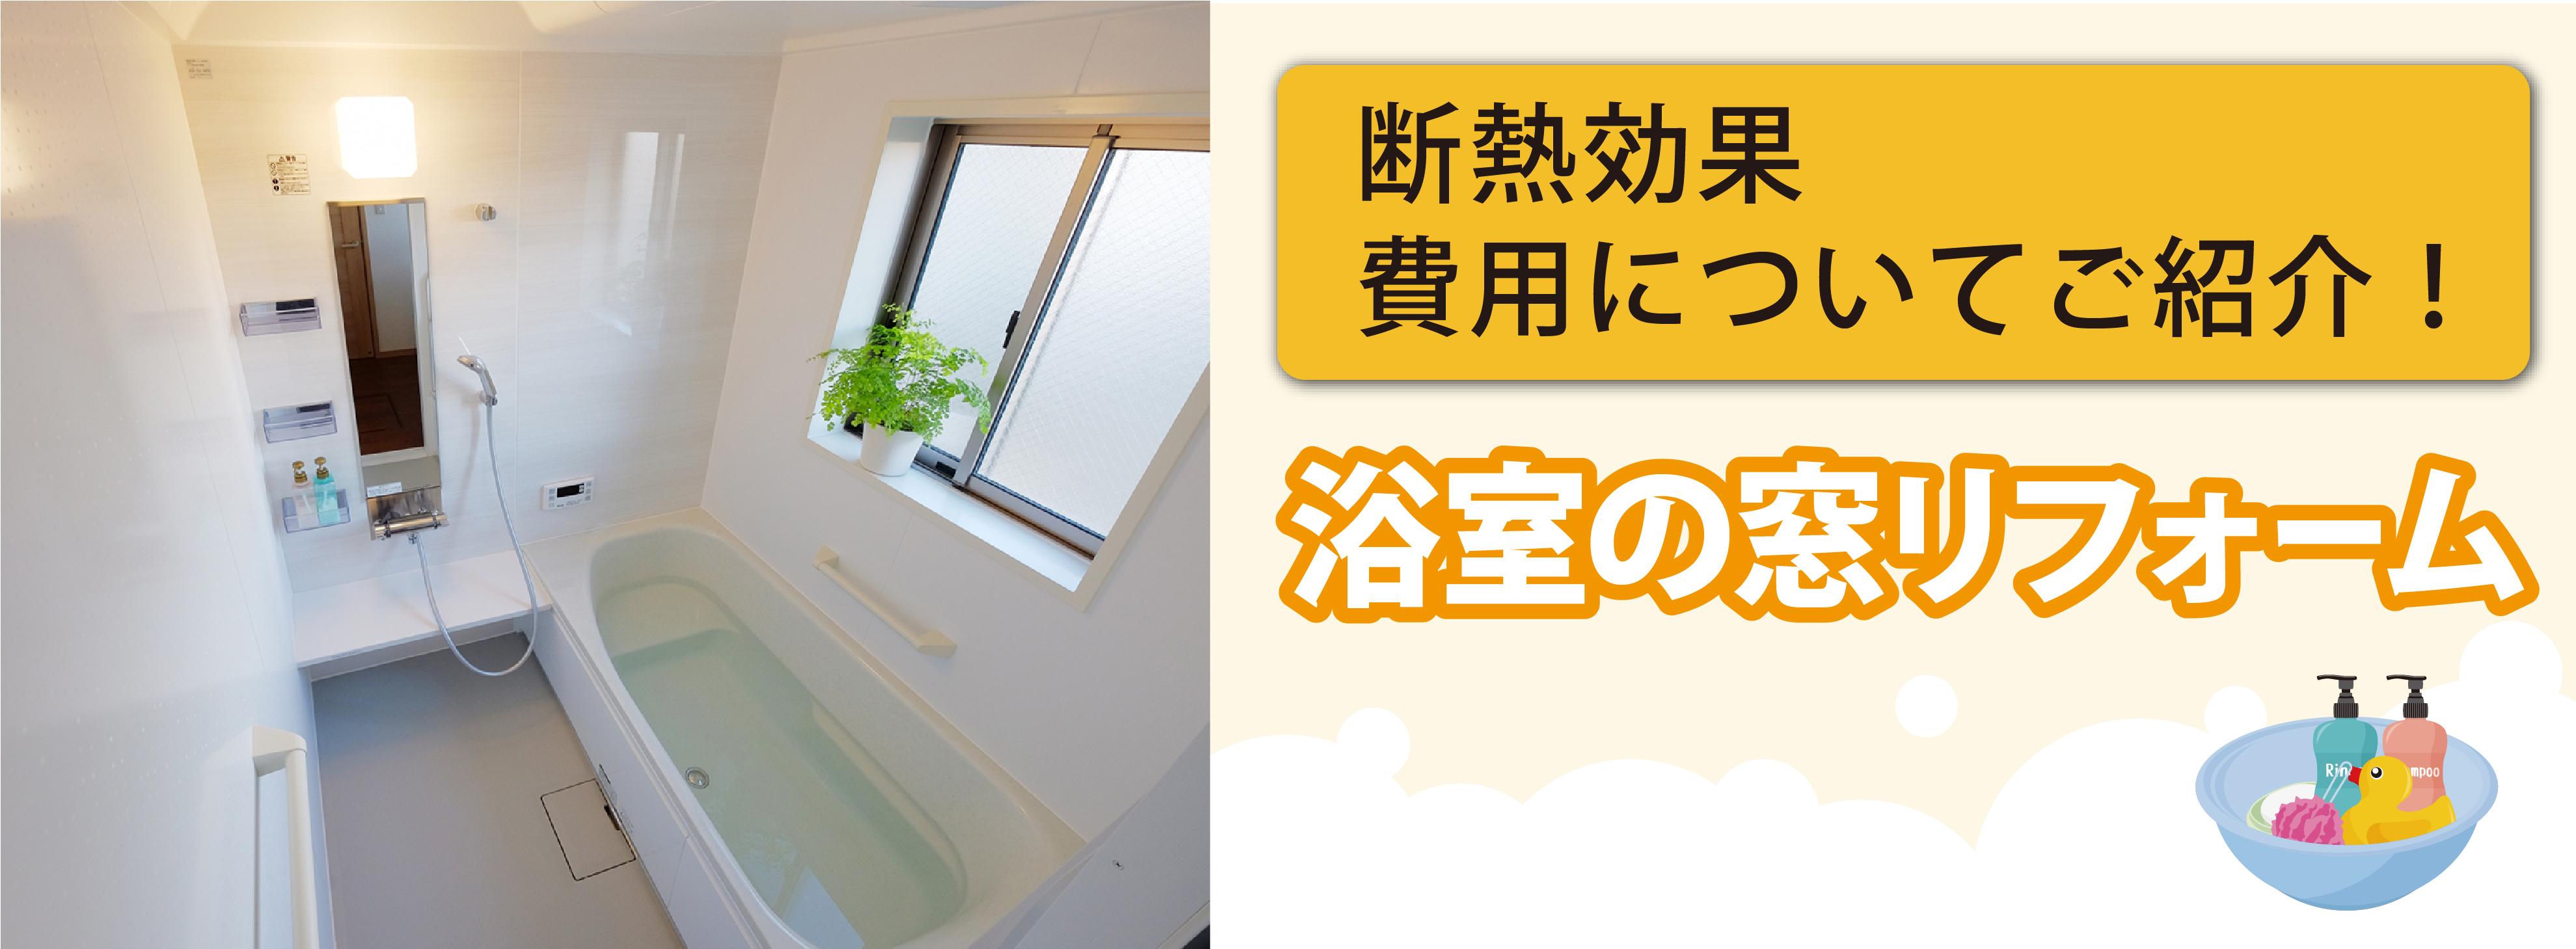 浴室の窓リフォームの効果と費用は?